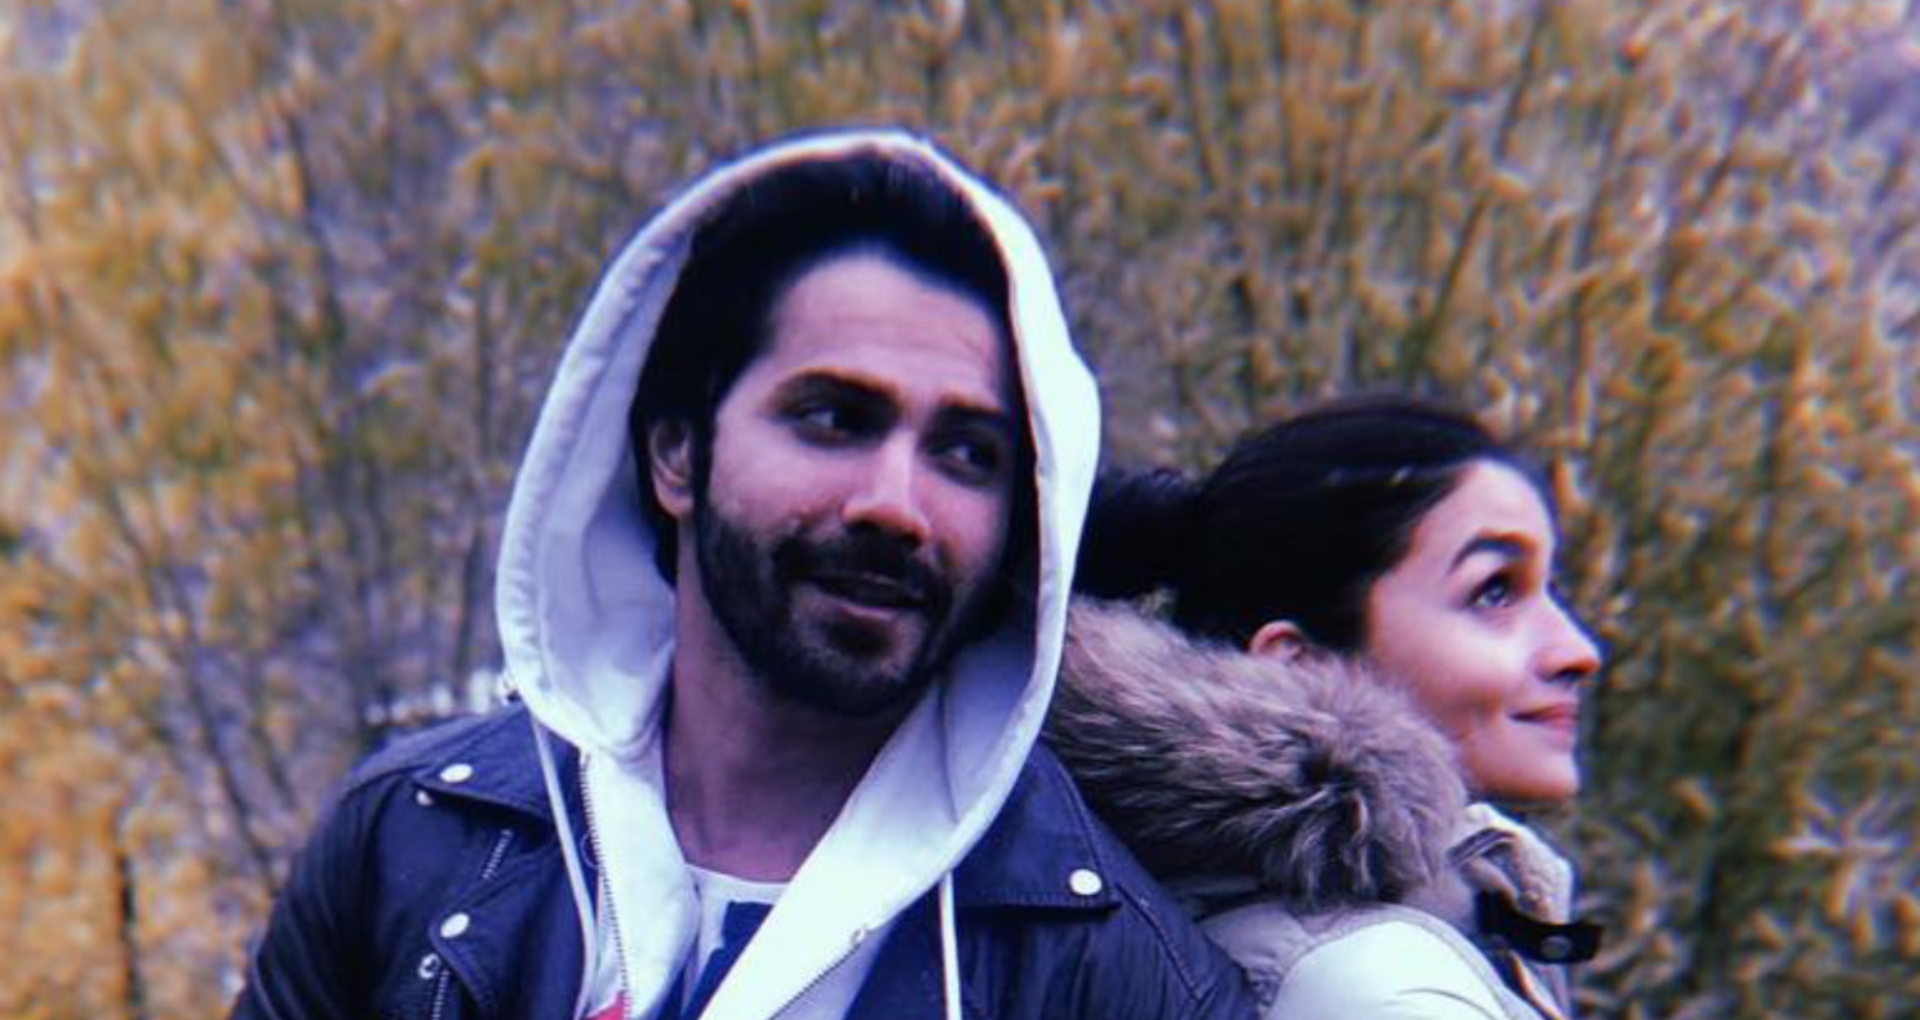 वरुण धवन को लगता है आलिया भट्ट अब नहीं करेंगी उनके साथ काम, रणवीर कपूर-रणवीर सिंह से भी कह दी इतनी बड़ी बात